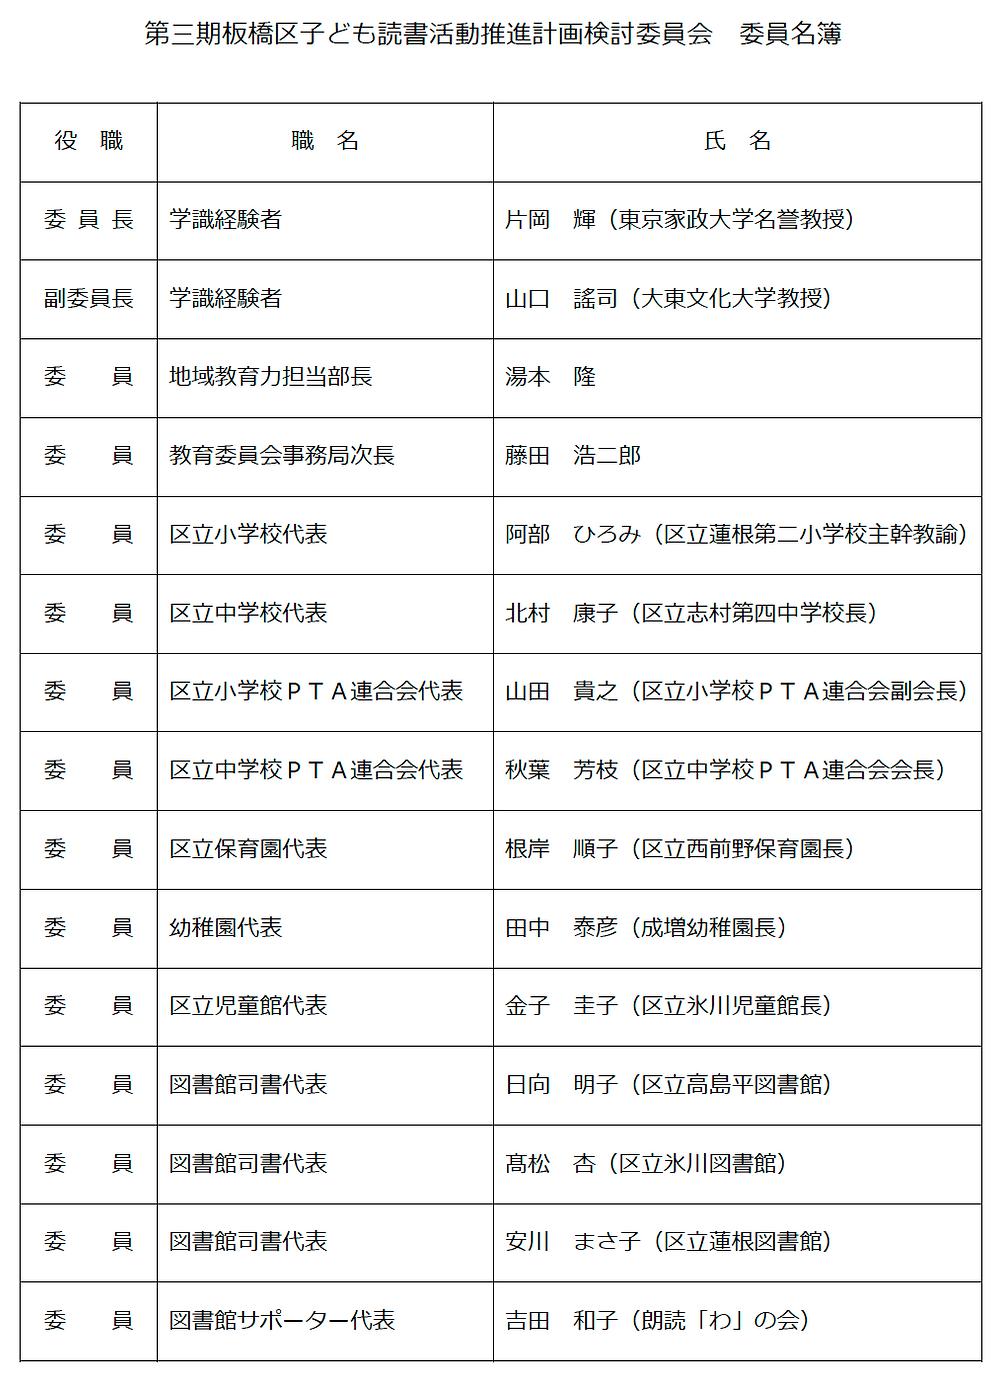 第三期板橋子ども読書活動推進計画検討委員会 委員名簿